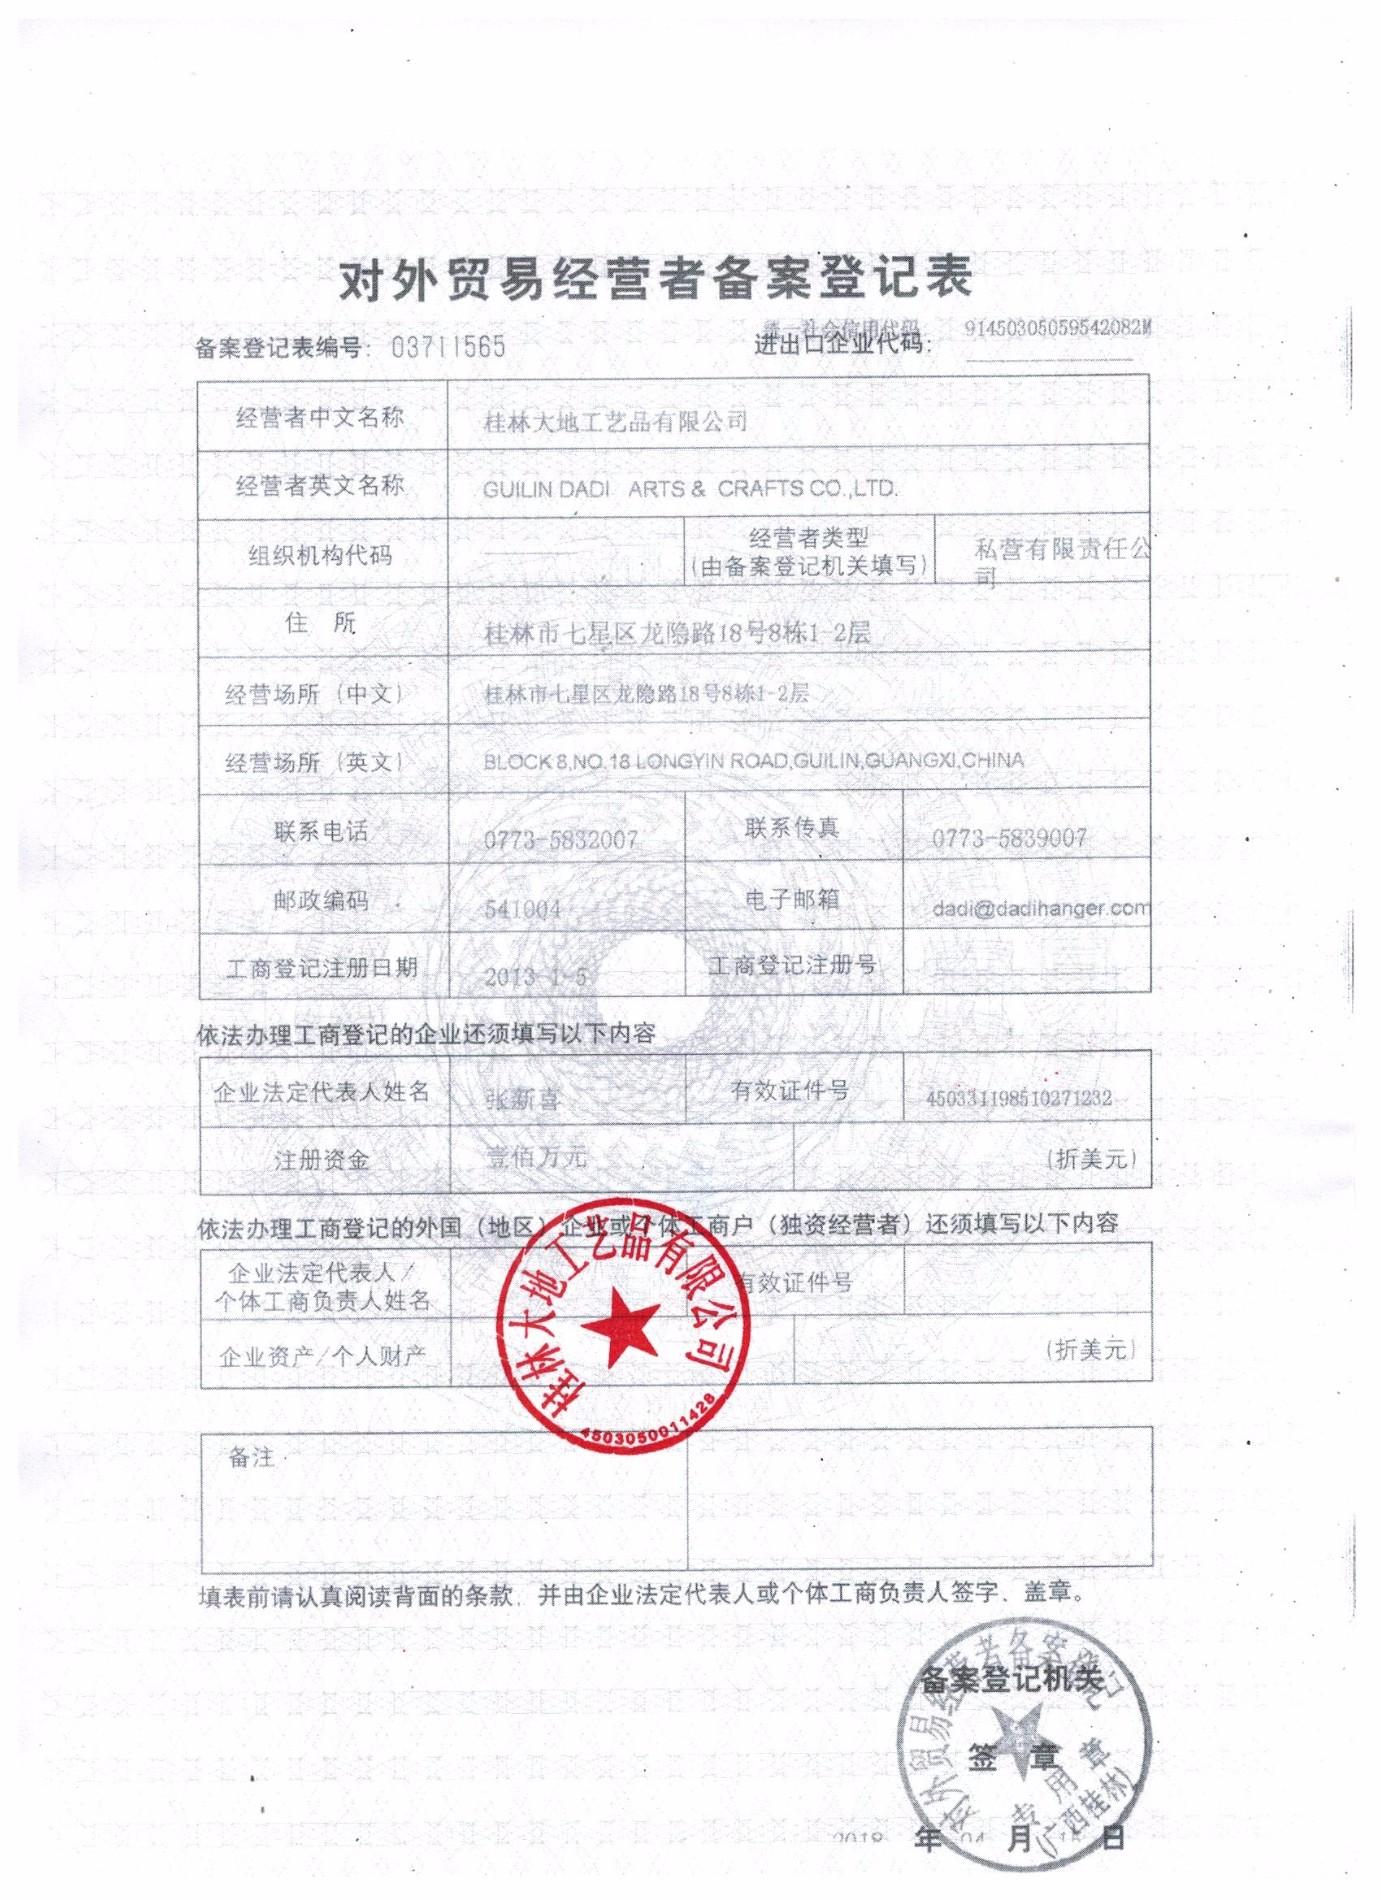 certificado de exportação de comércio exterior